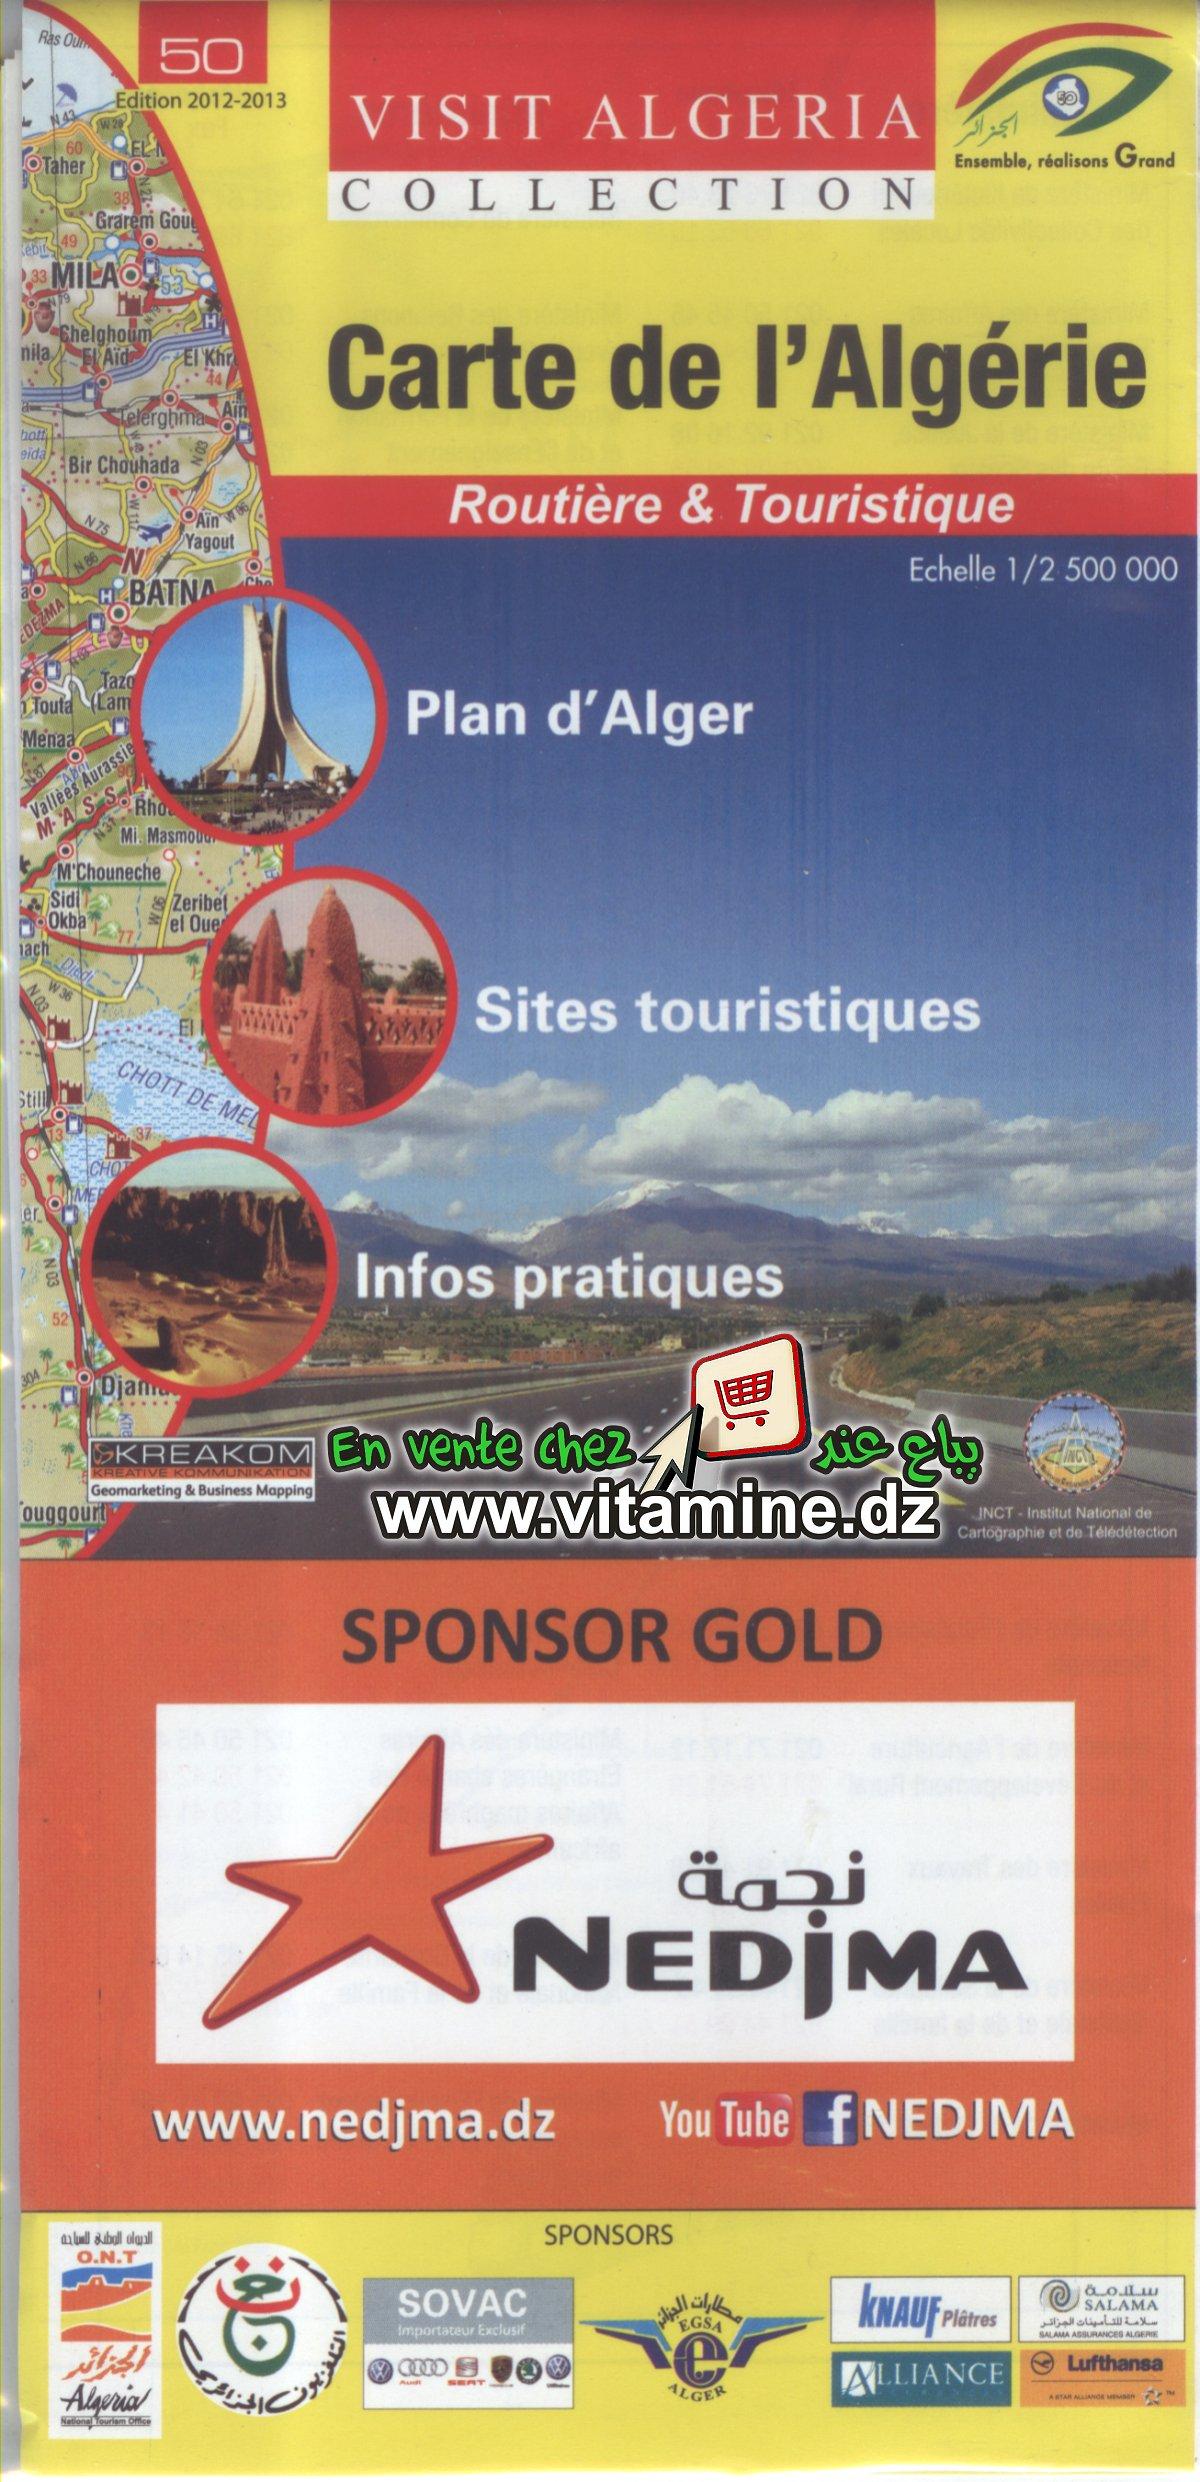 Carte de l'Algérie - Routière et touristique